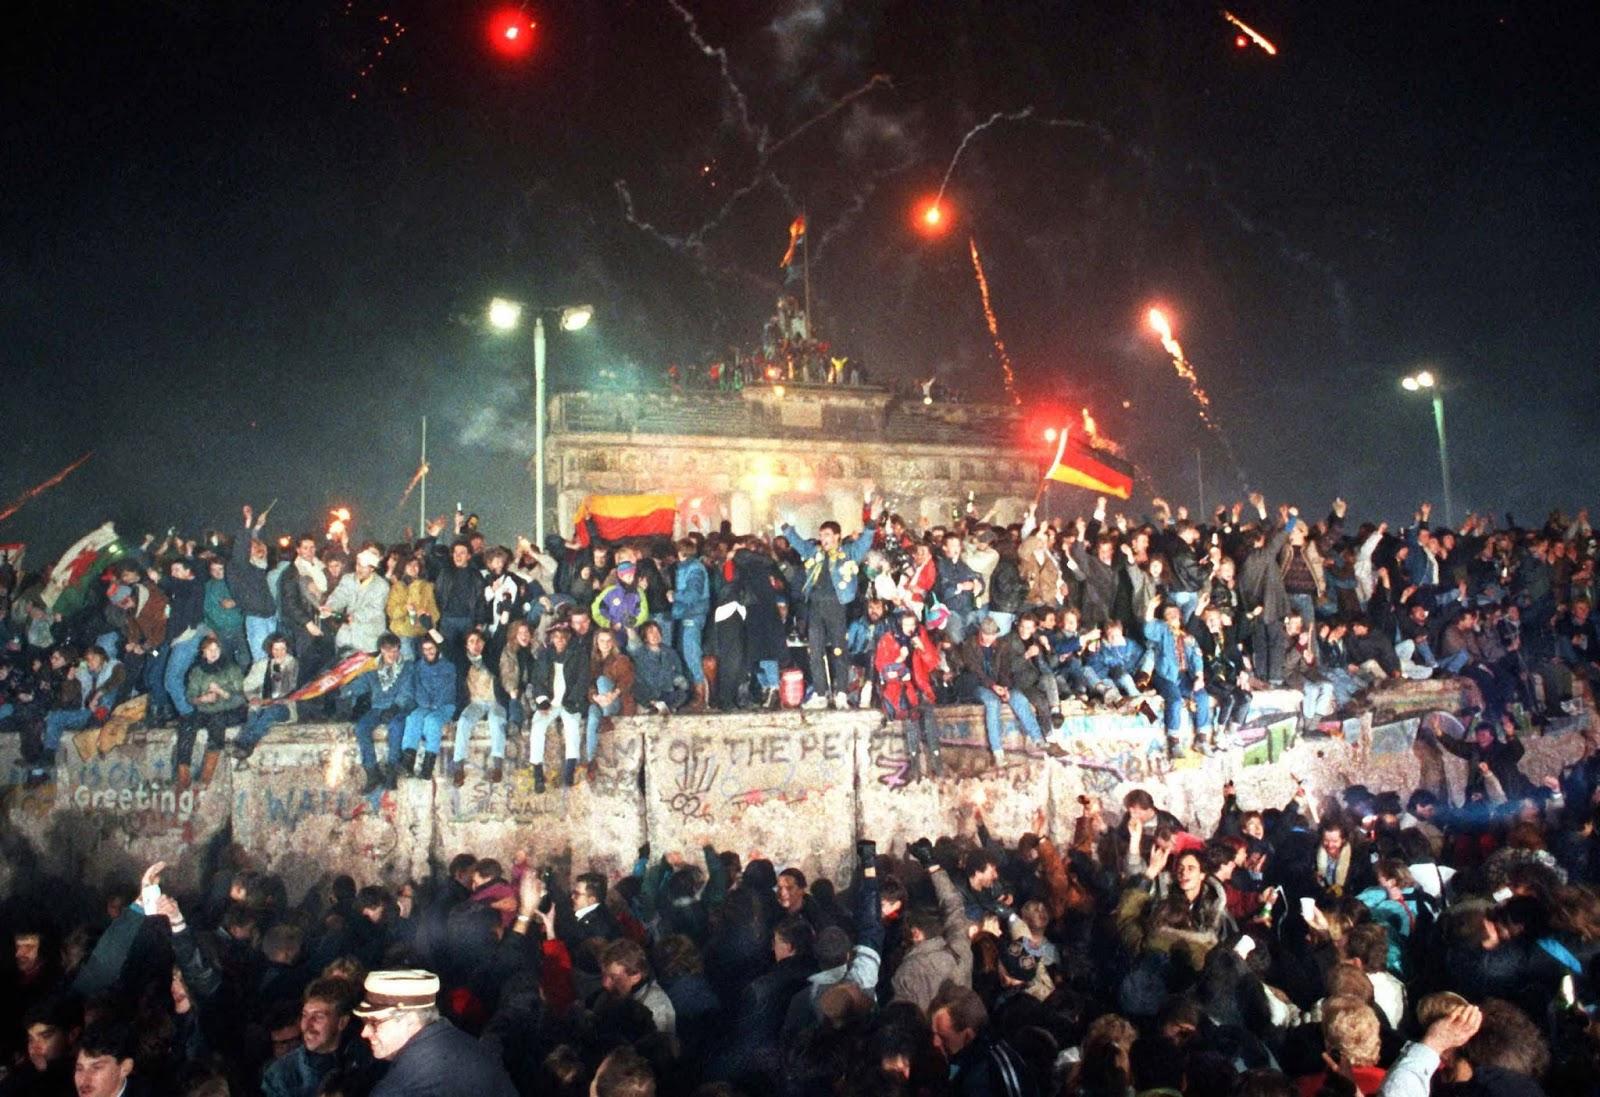 Der Tag Der Deutschen einheit, Mauerfall Berlin